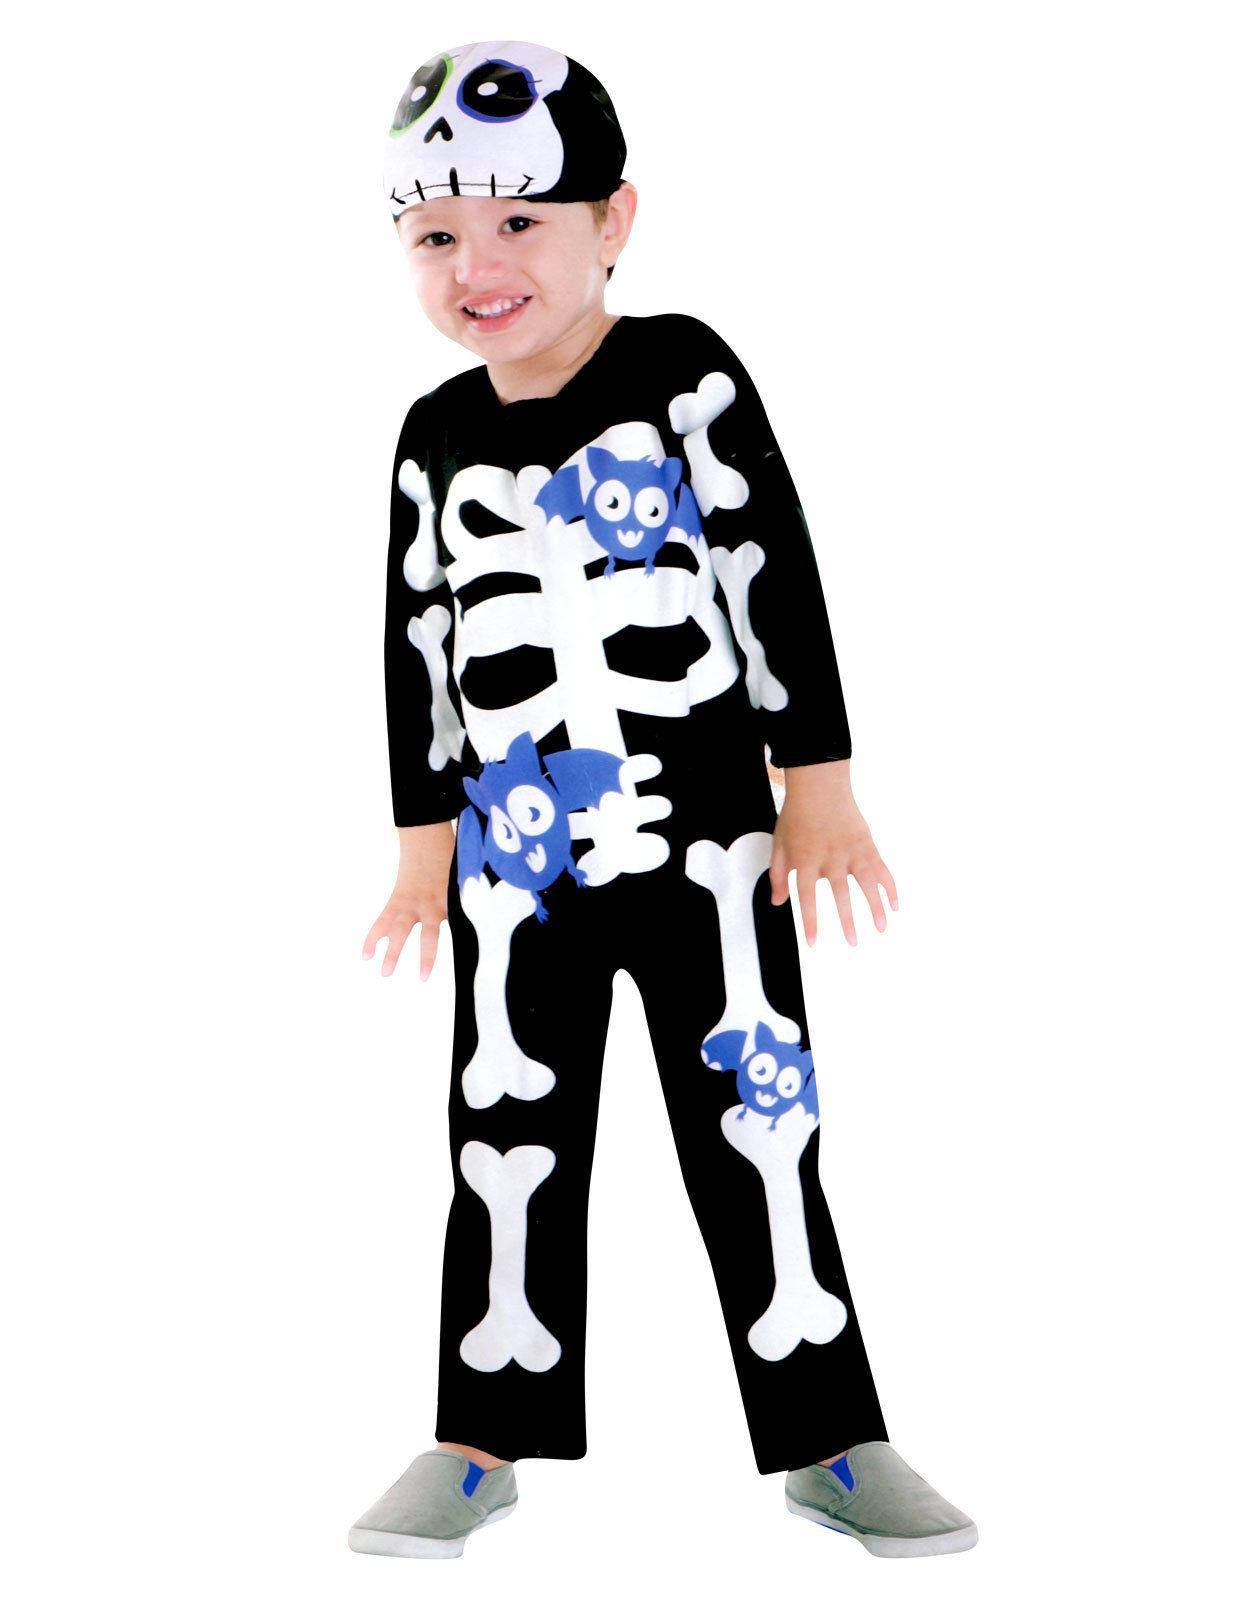 Ursött skelett - Halloween kostym för barn c7722424b7154